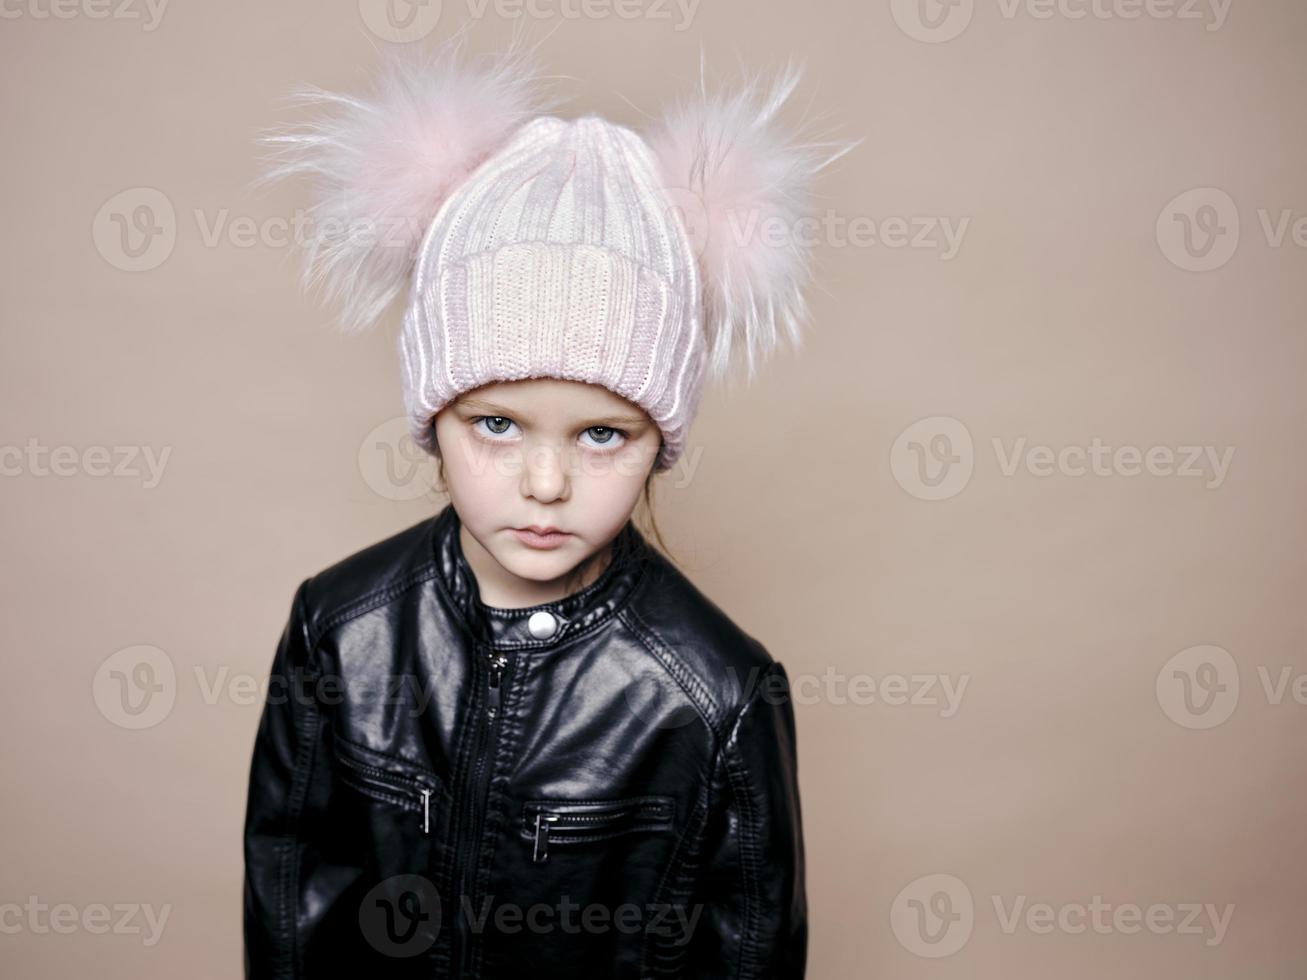 portret van een mooi klein meisje met een wollen hoed en een leren jas foto